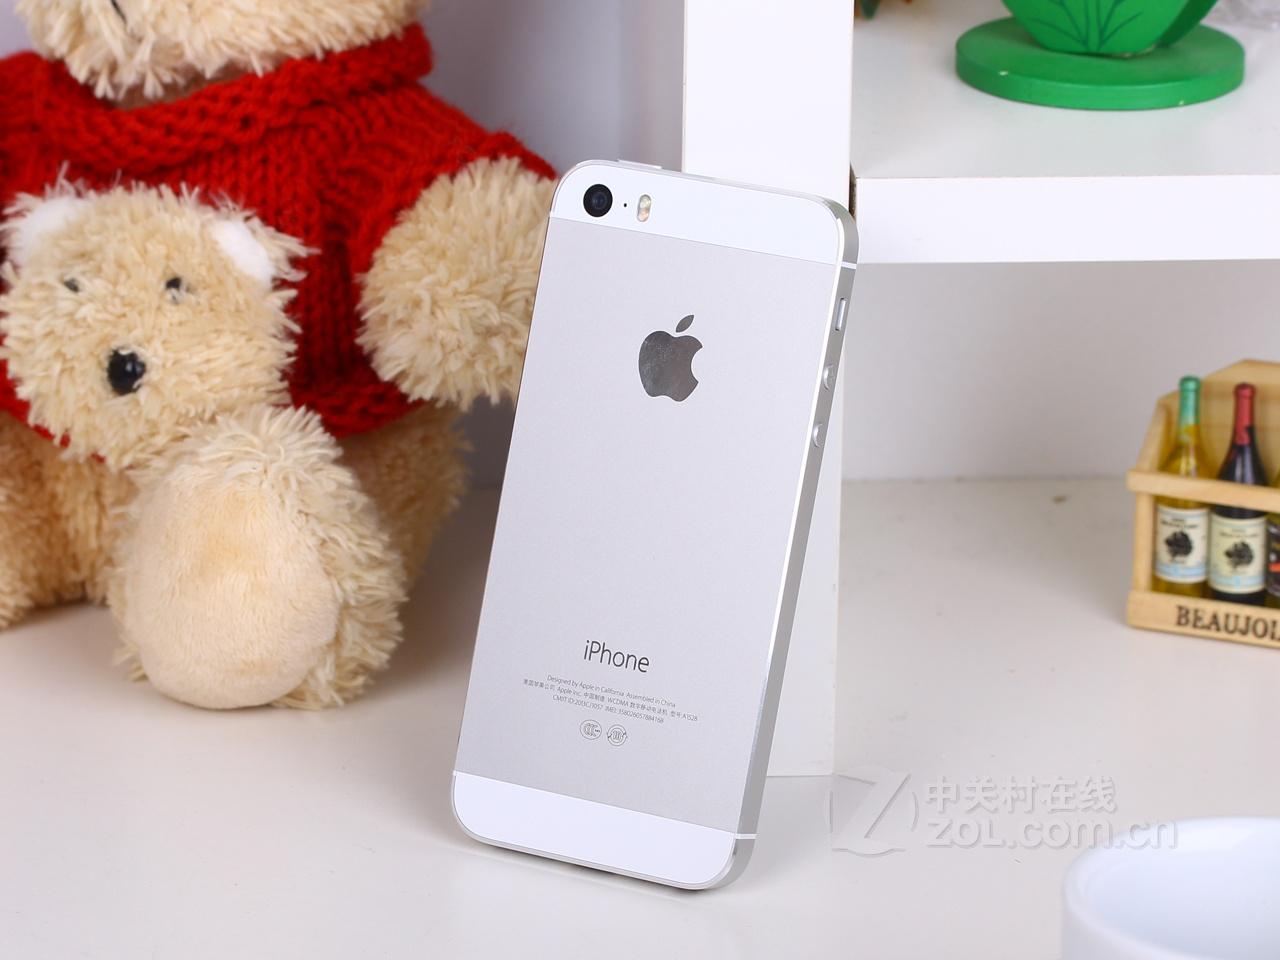 新年送好礼 苹果iphone 5S仅售4280元